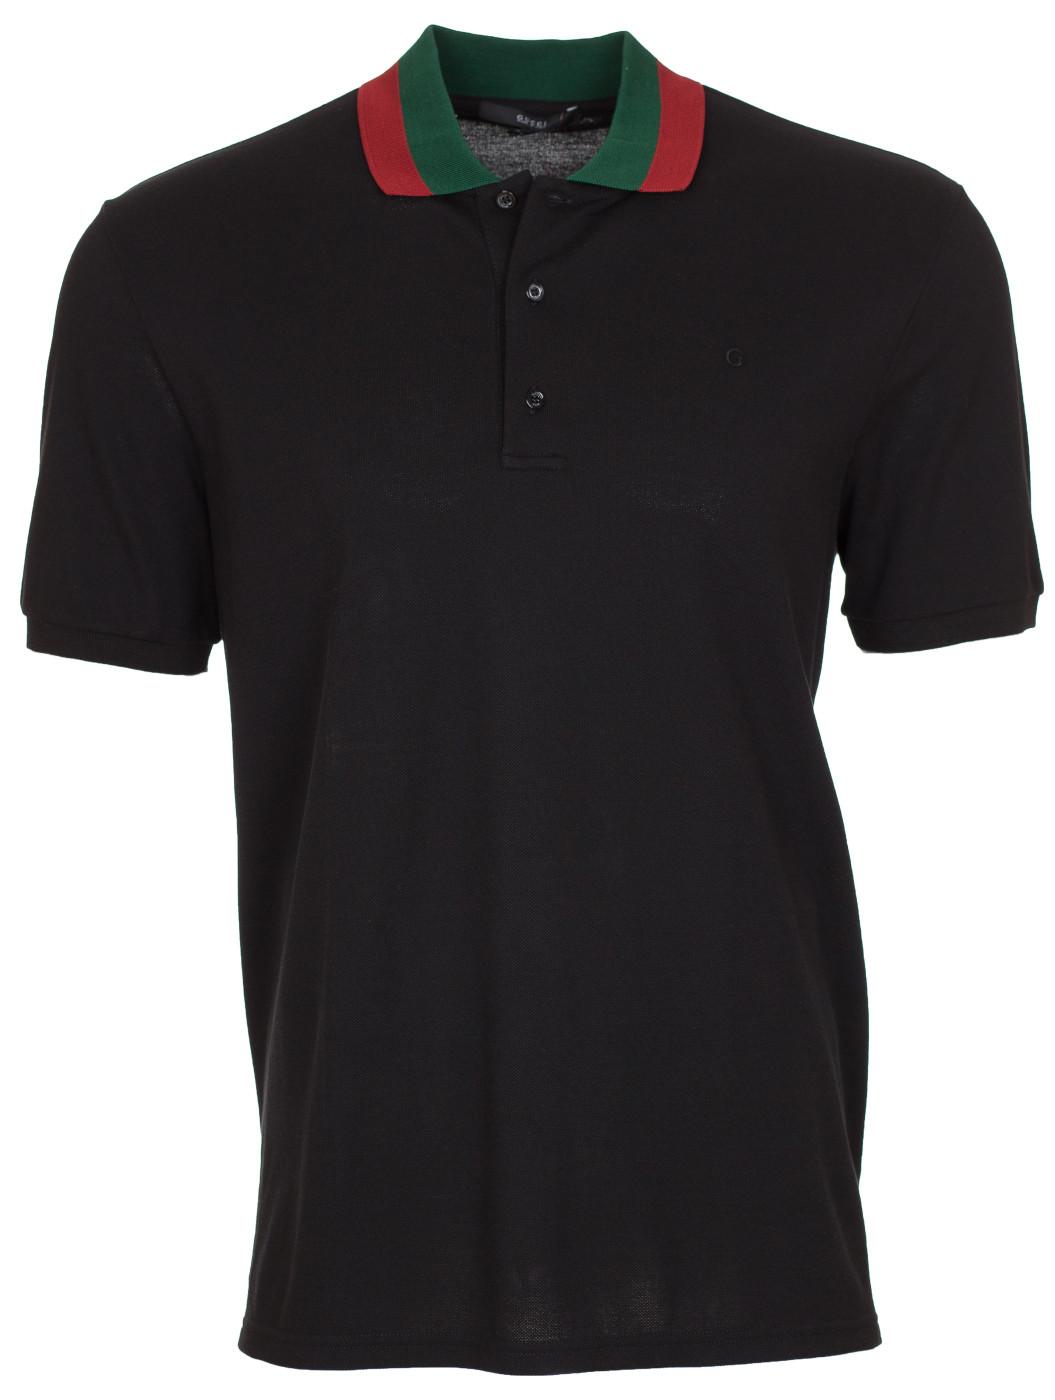 8d12e71b5b6 Gucci Men s Black G Logo Web Collar Pique Polo Shirt